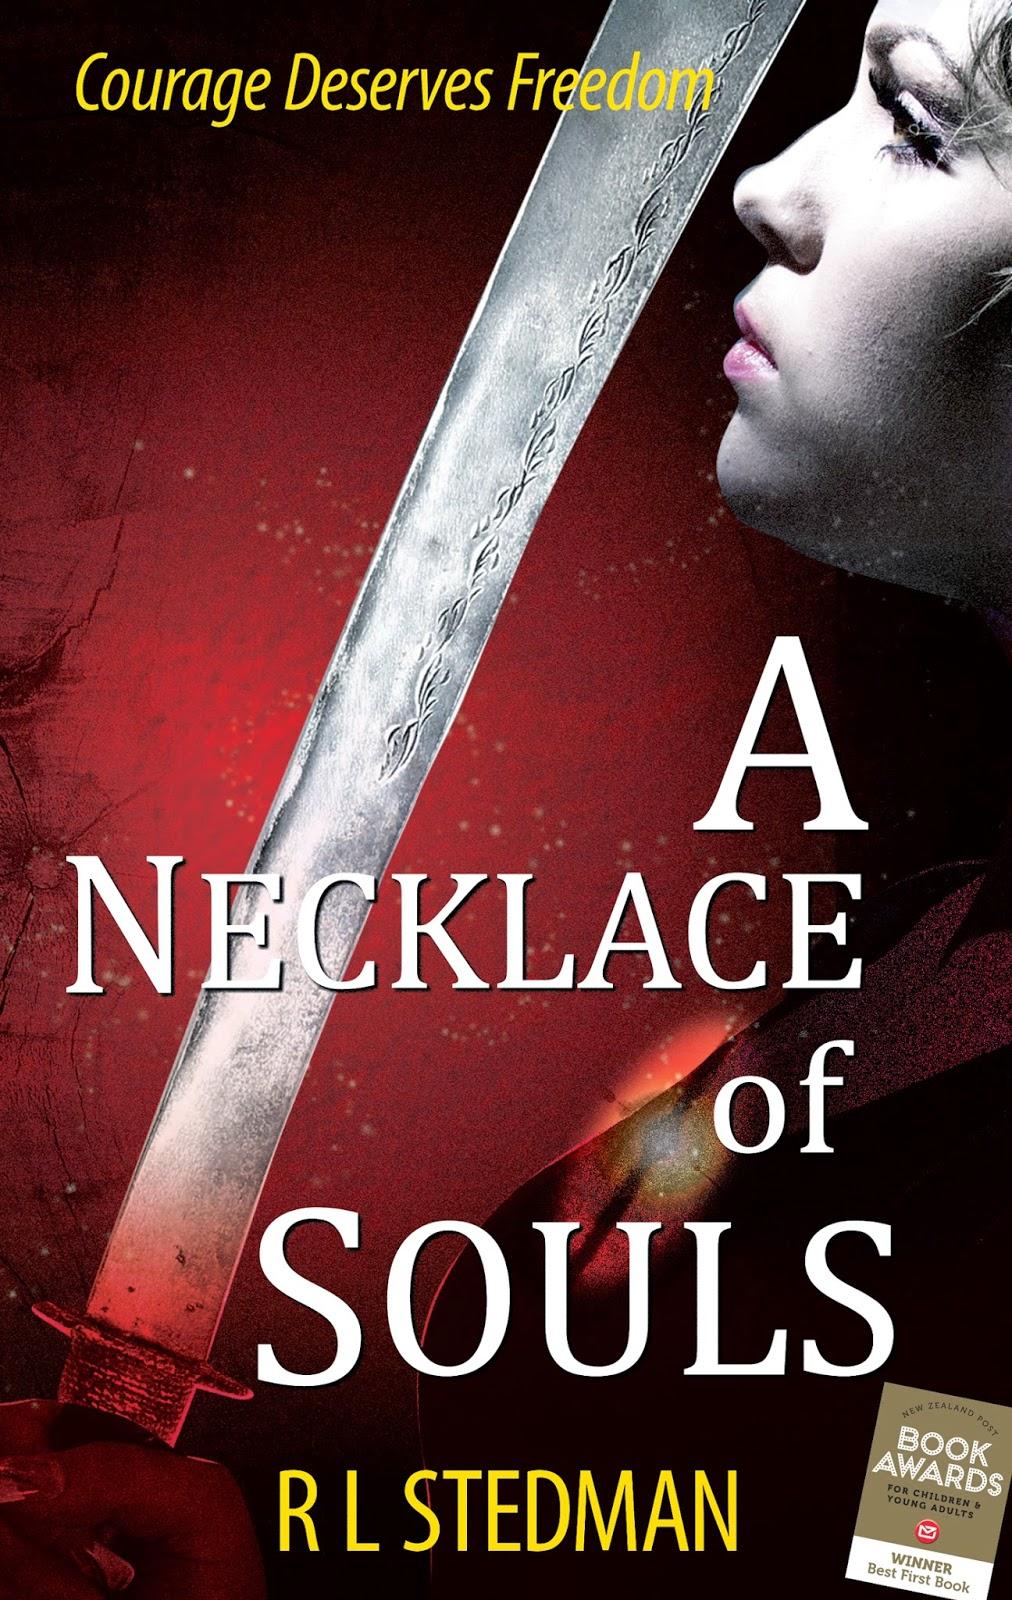 """custom book cover design """"A necklace of Souls"""" author RL Stedman, cover artist: Kura Carpenter"""